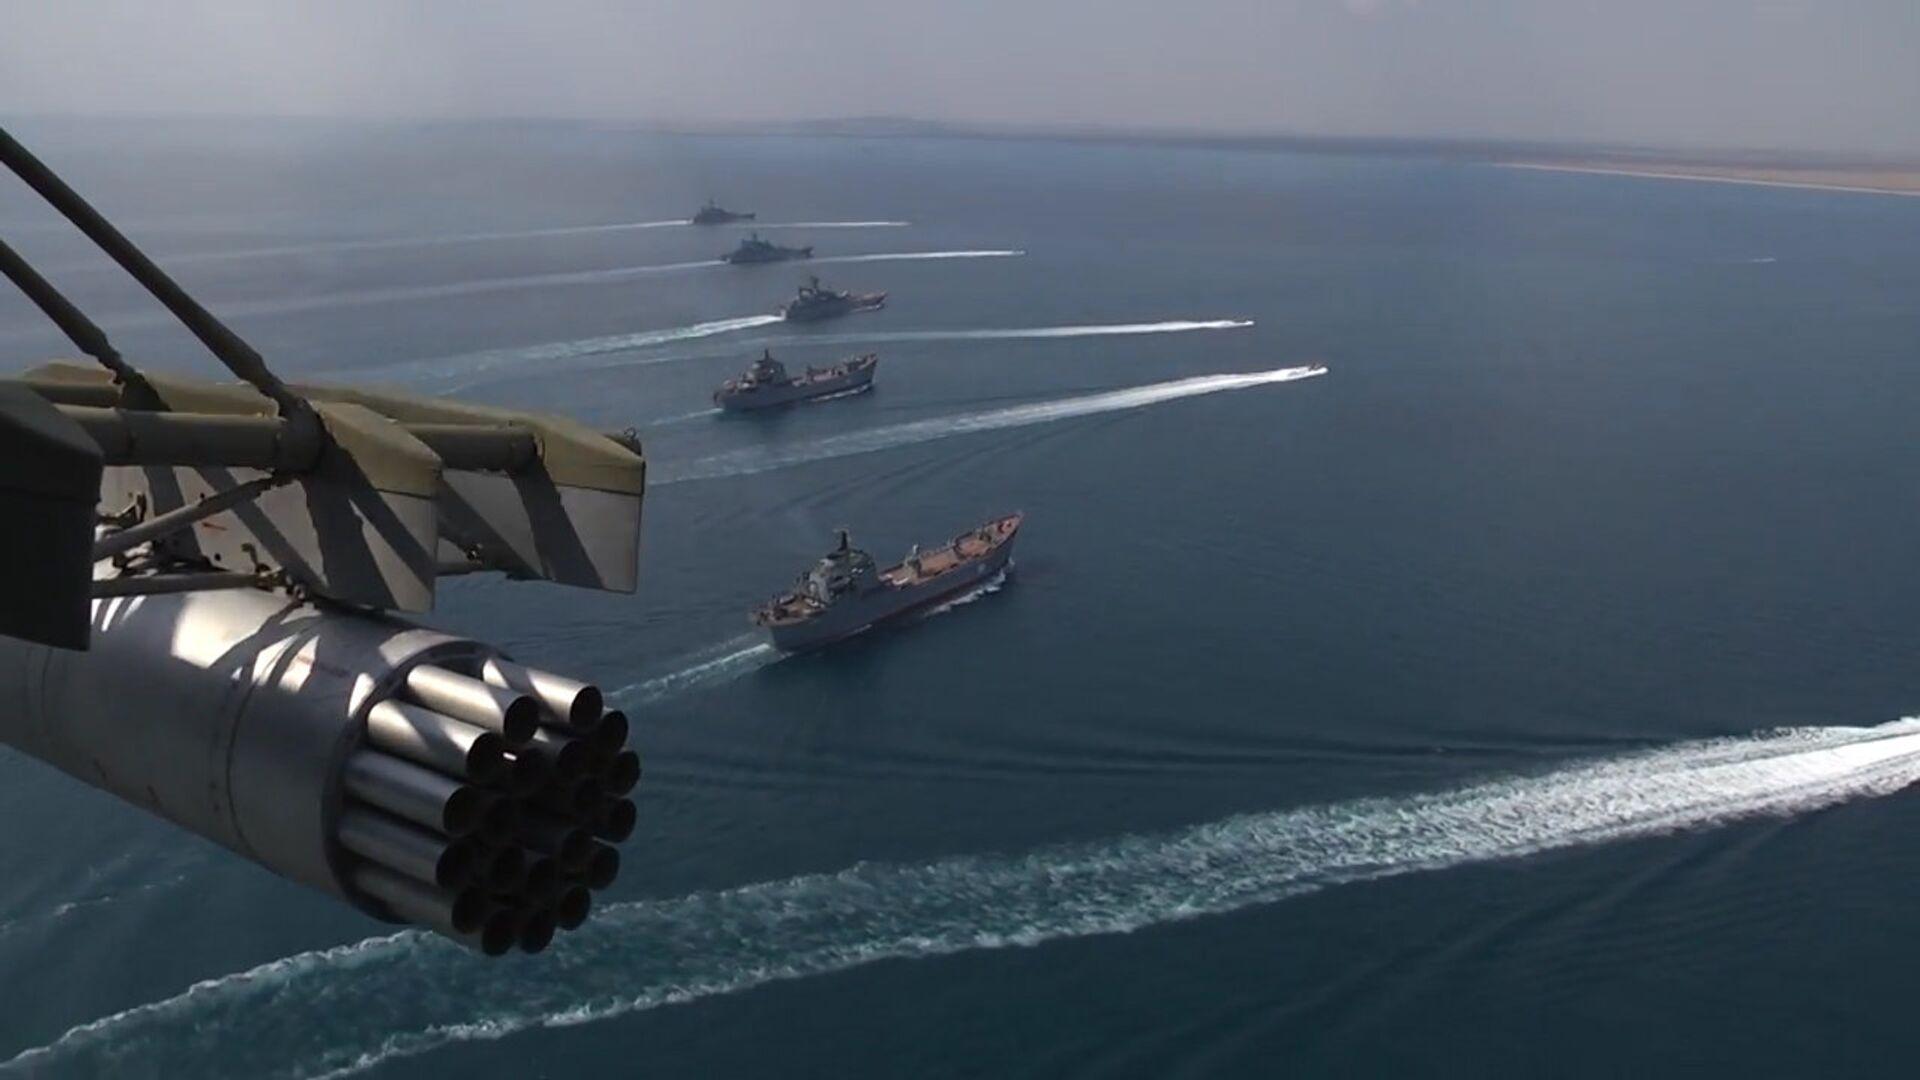 Los buques de la Flota rusa en el Mar Negro (imagen referencial) - Sputnik Mundo, 1920, 20.04.2021